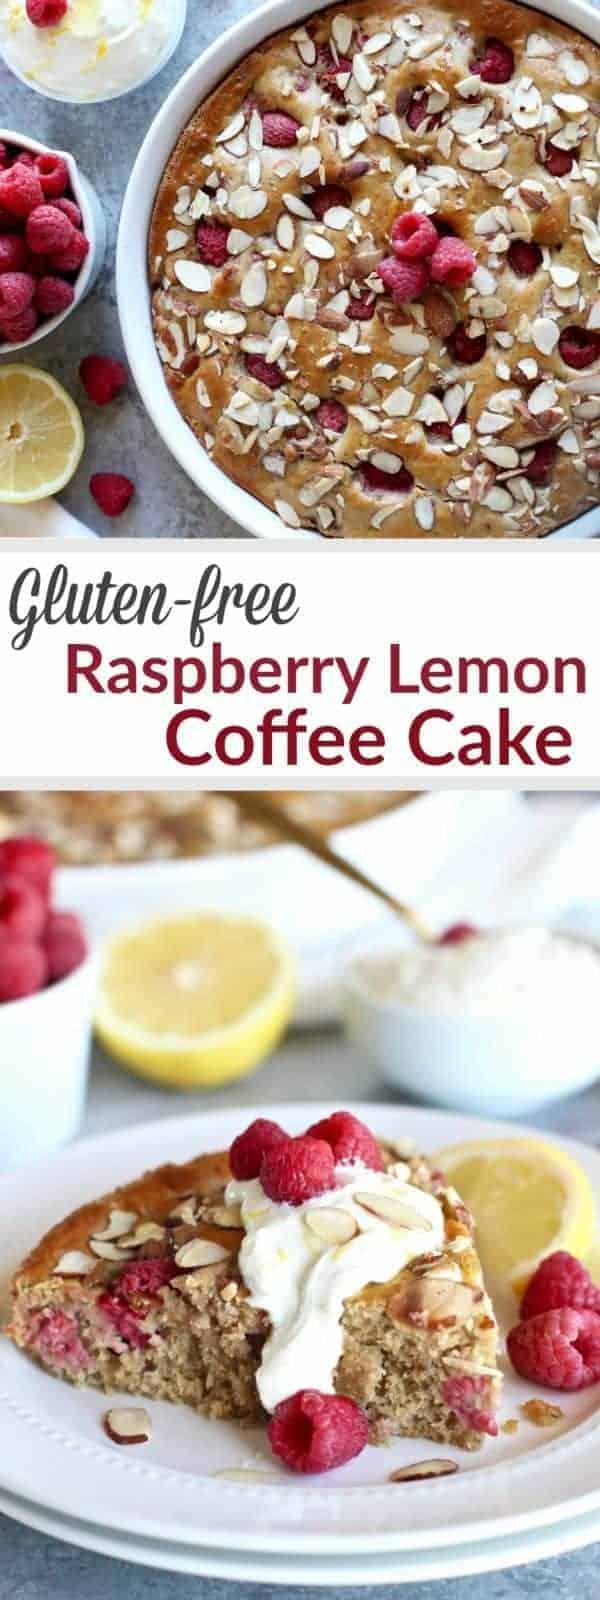 Pinterest image for Gluten-free Raspberry Lemon Coffee Cake